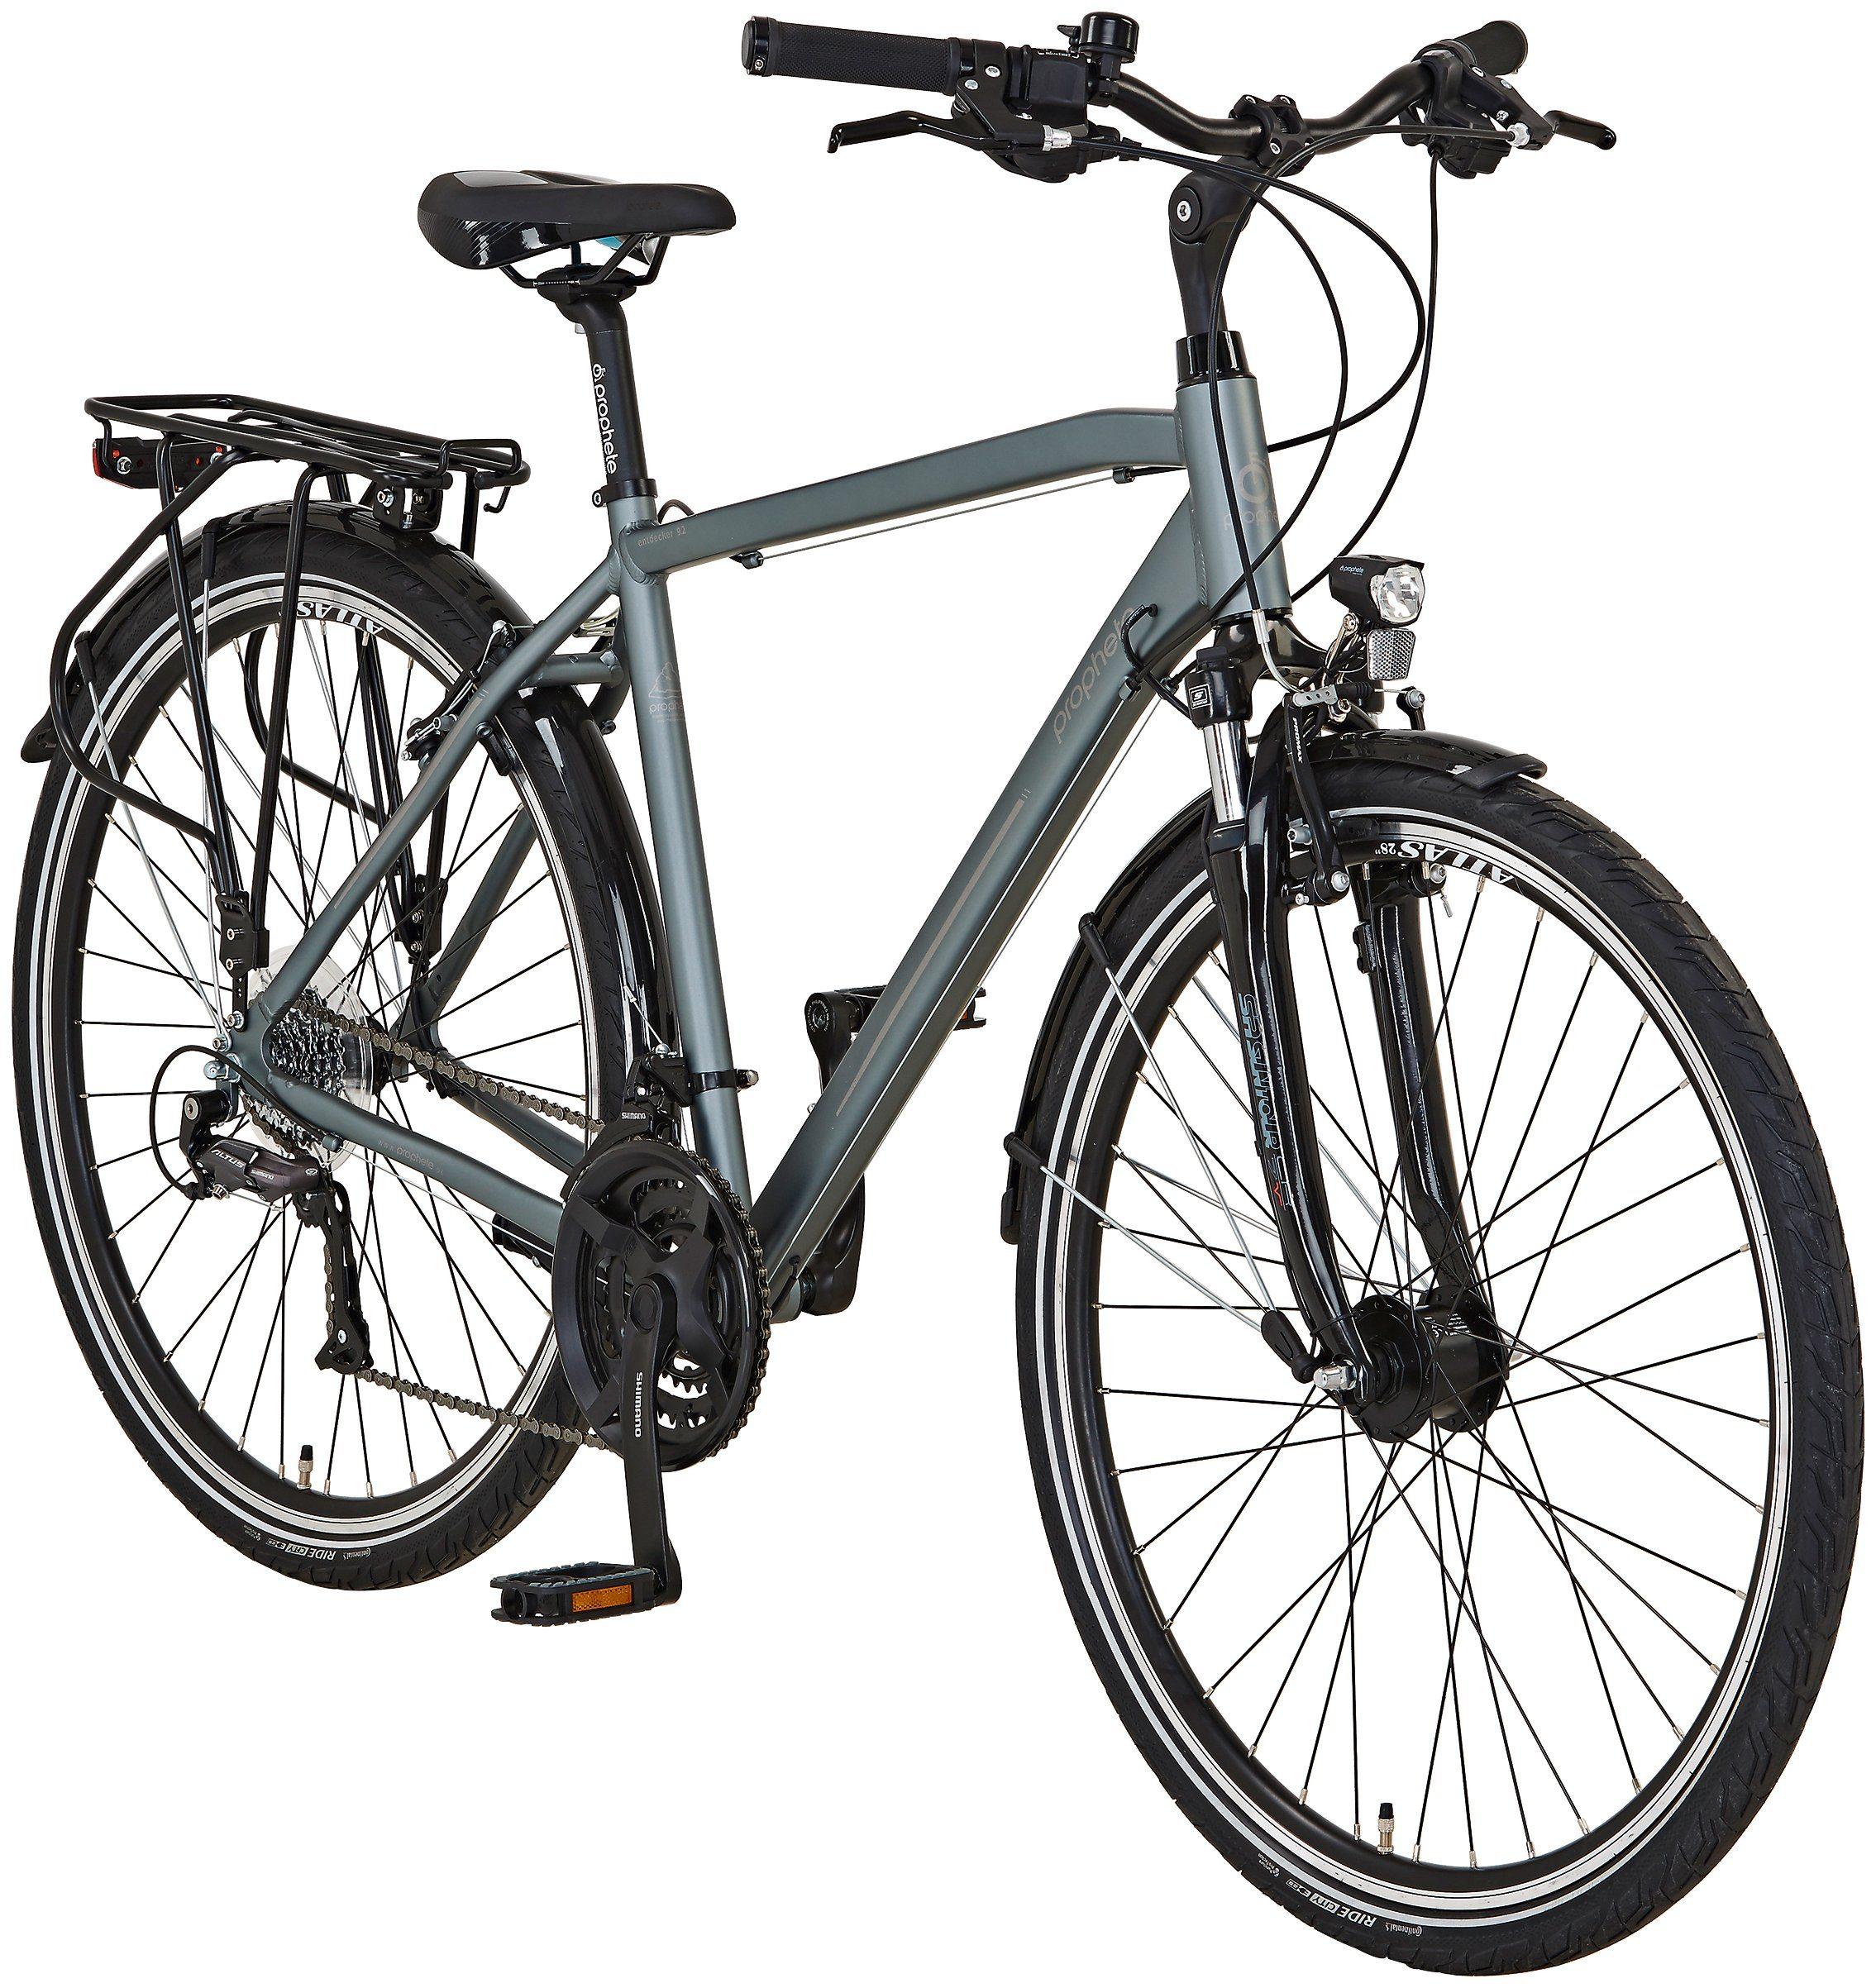 PROPHETE Trekkingbike »Entdecker 9.2«, 28 Zoll, 24 Gang, V-Bremsen